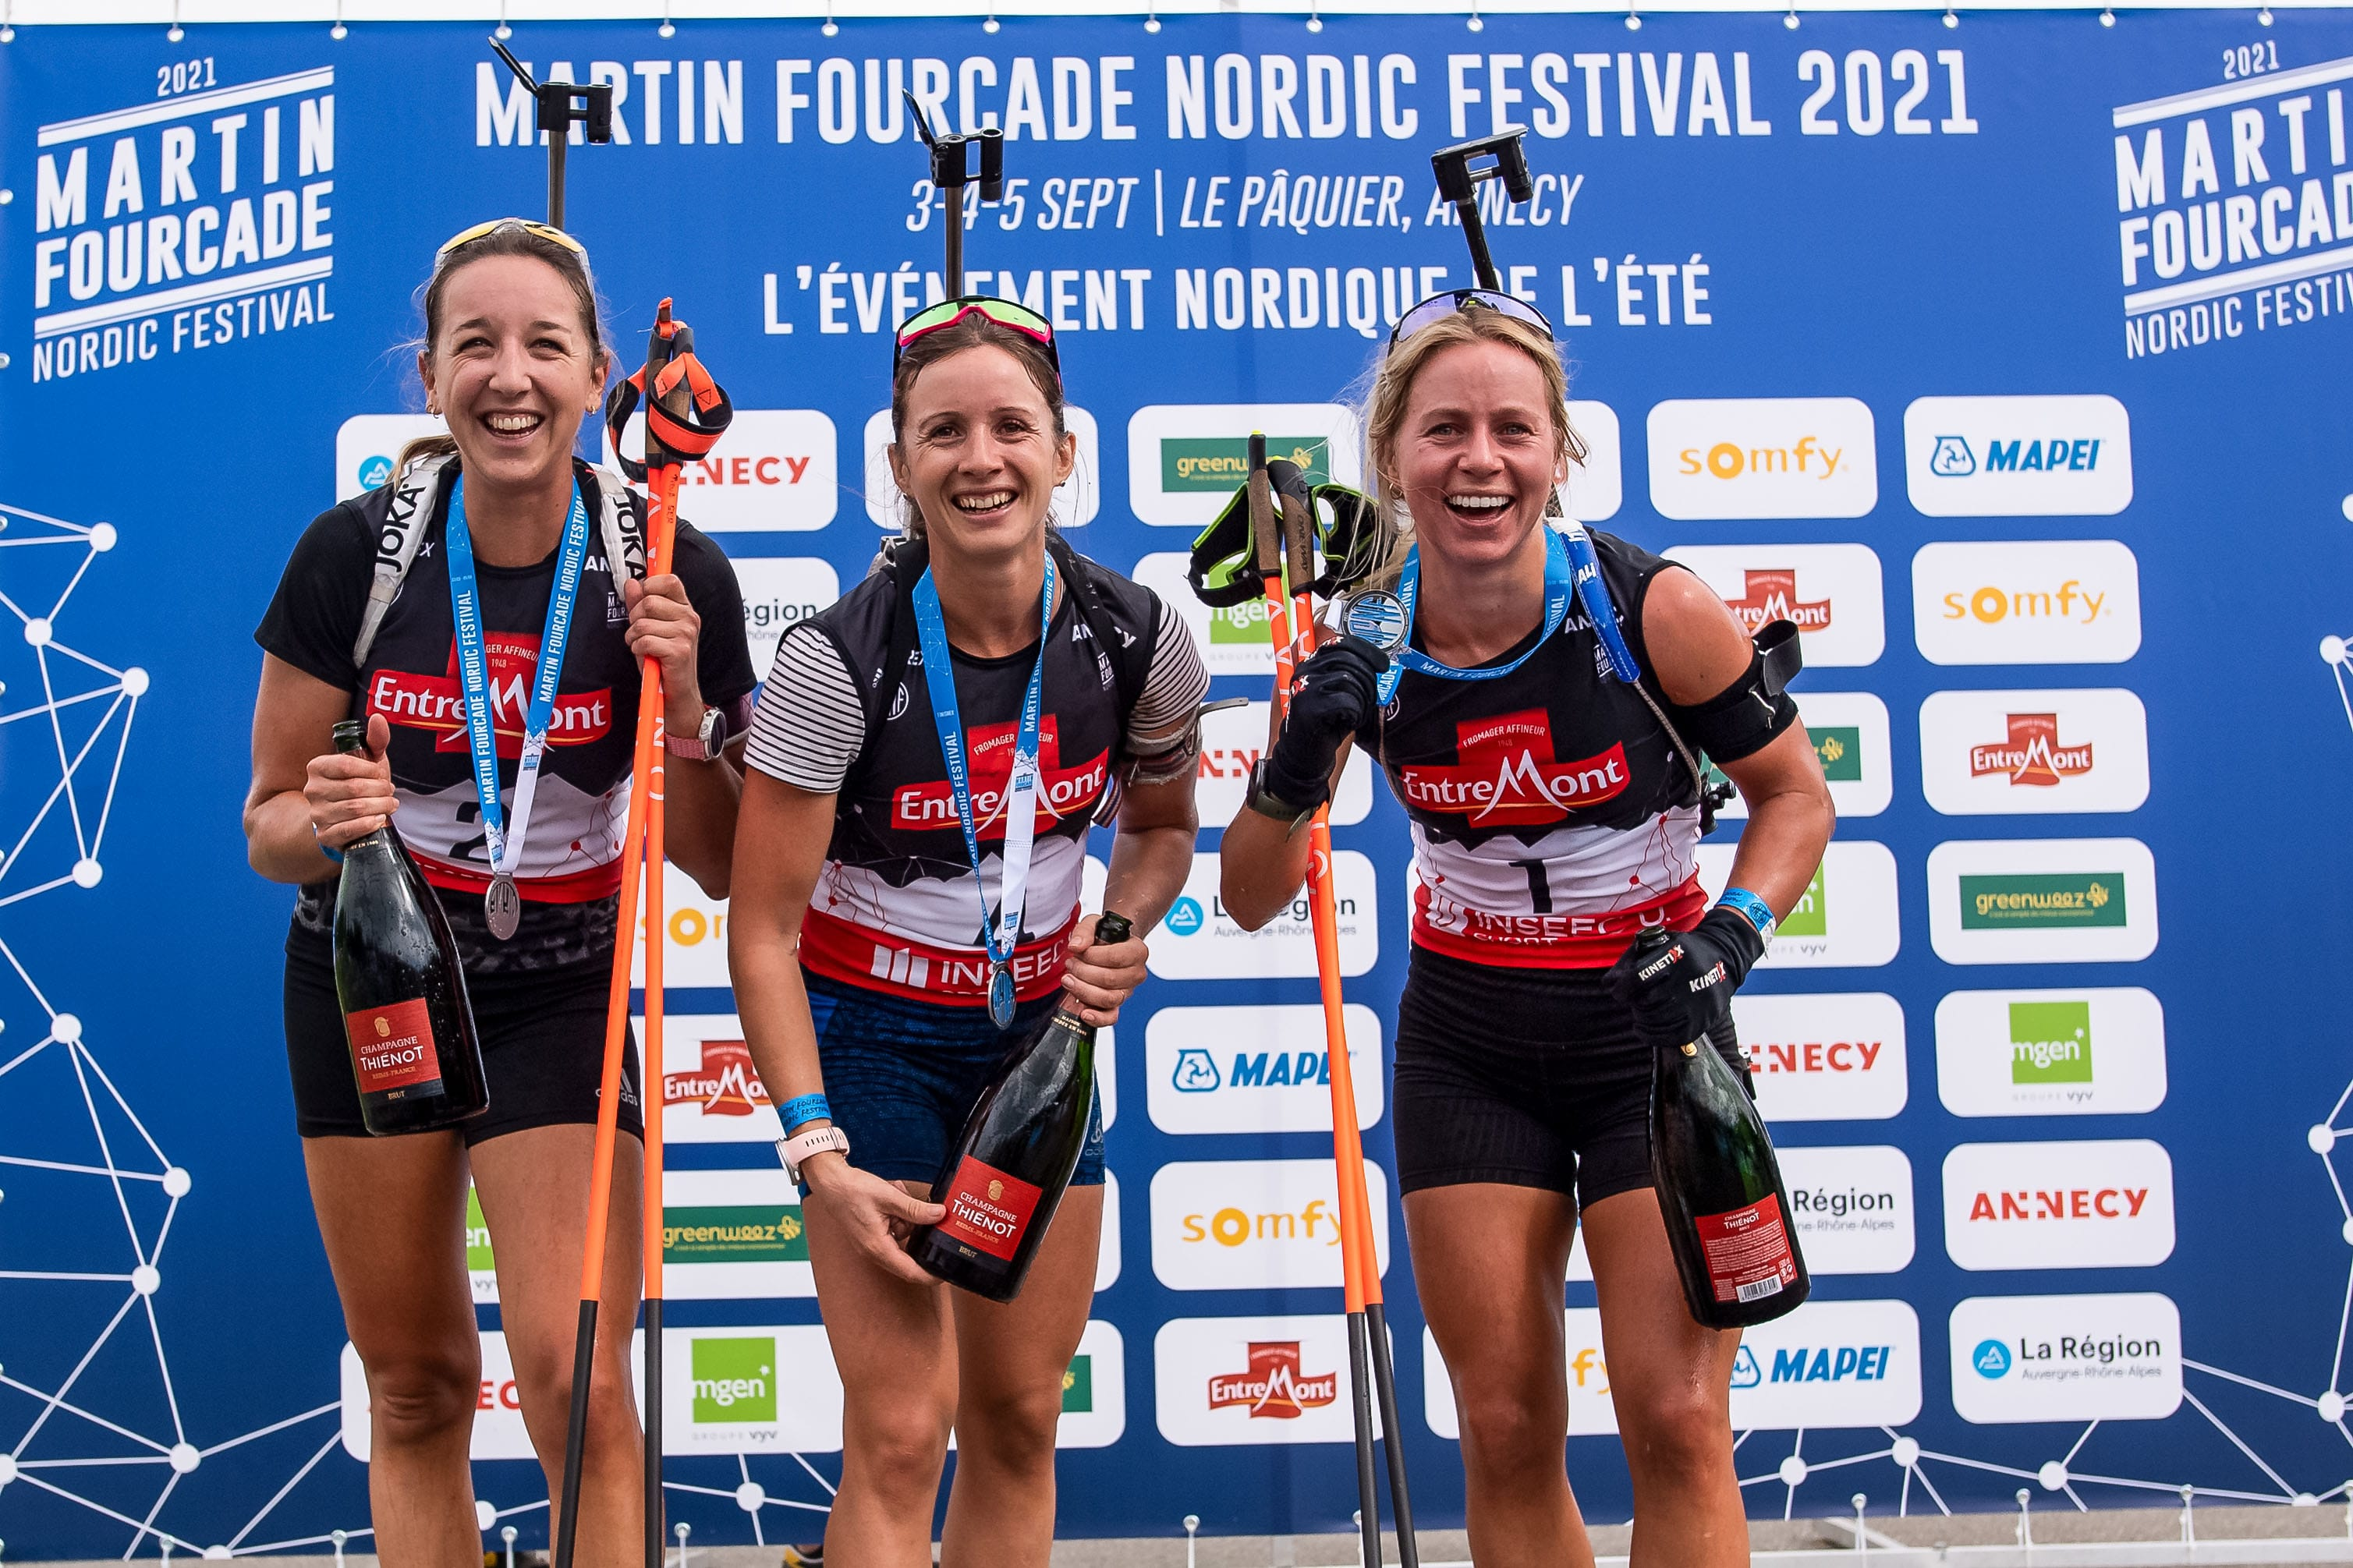 Martin Fourcade Nordic Festival 2021 in Annecy